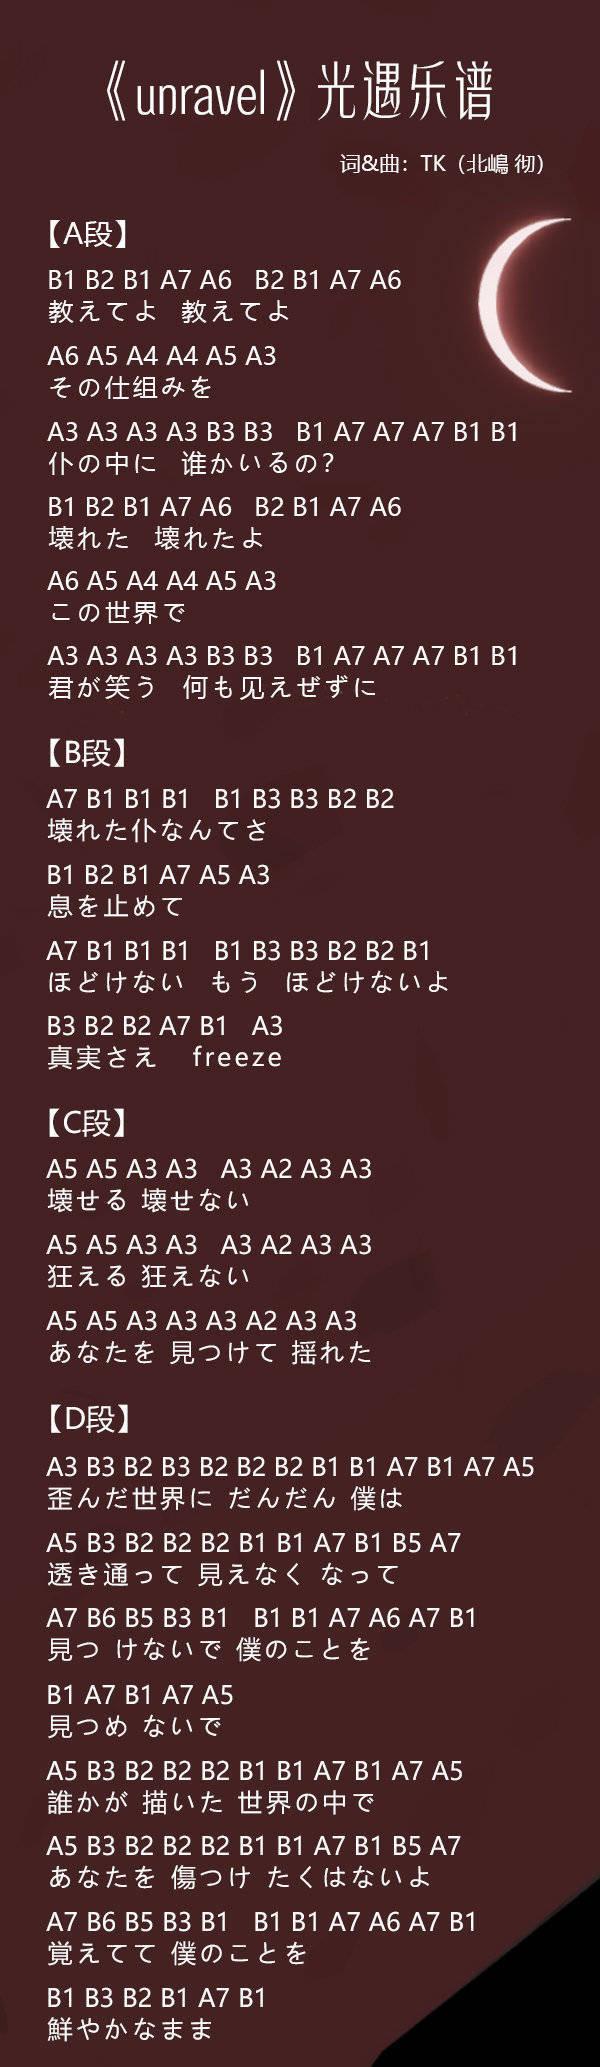 《光遇》东京喰种乐谱分享